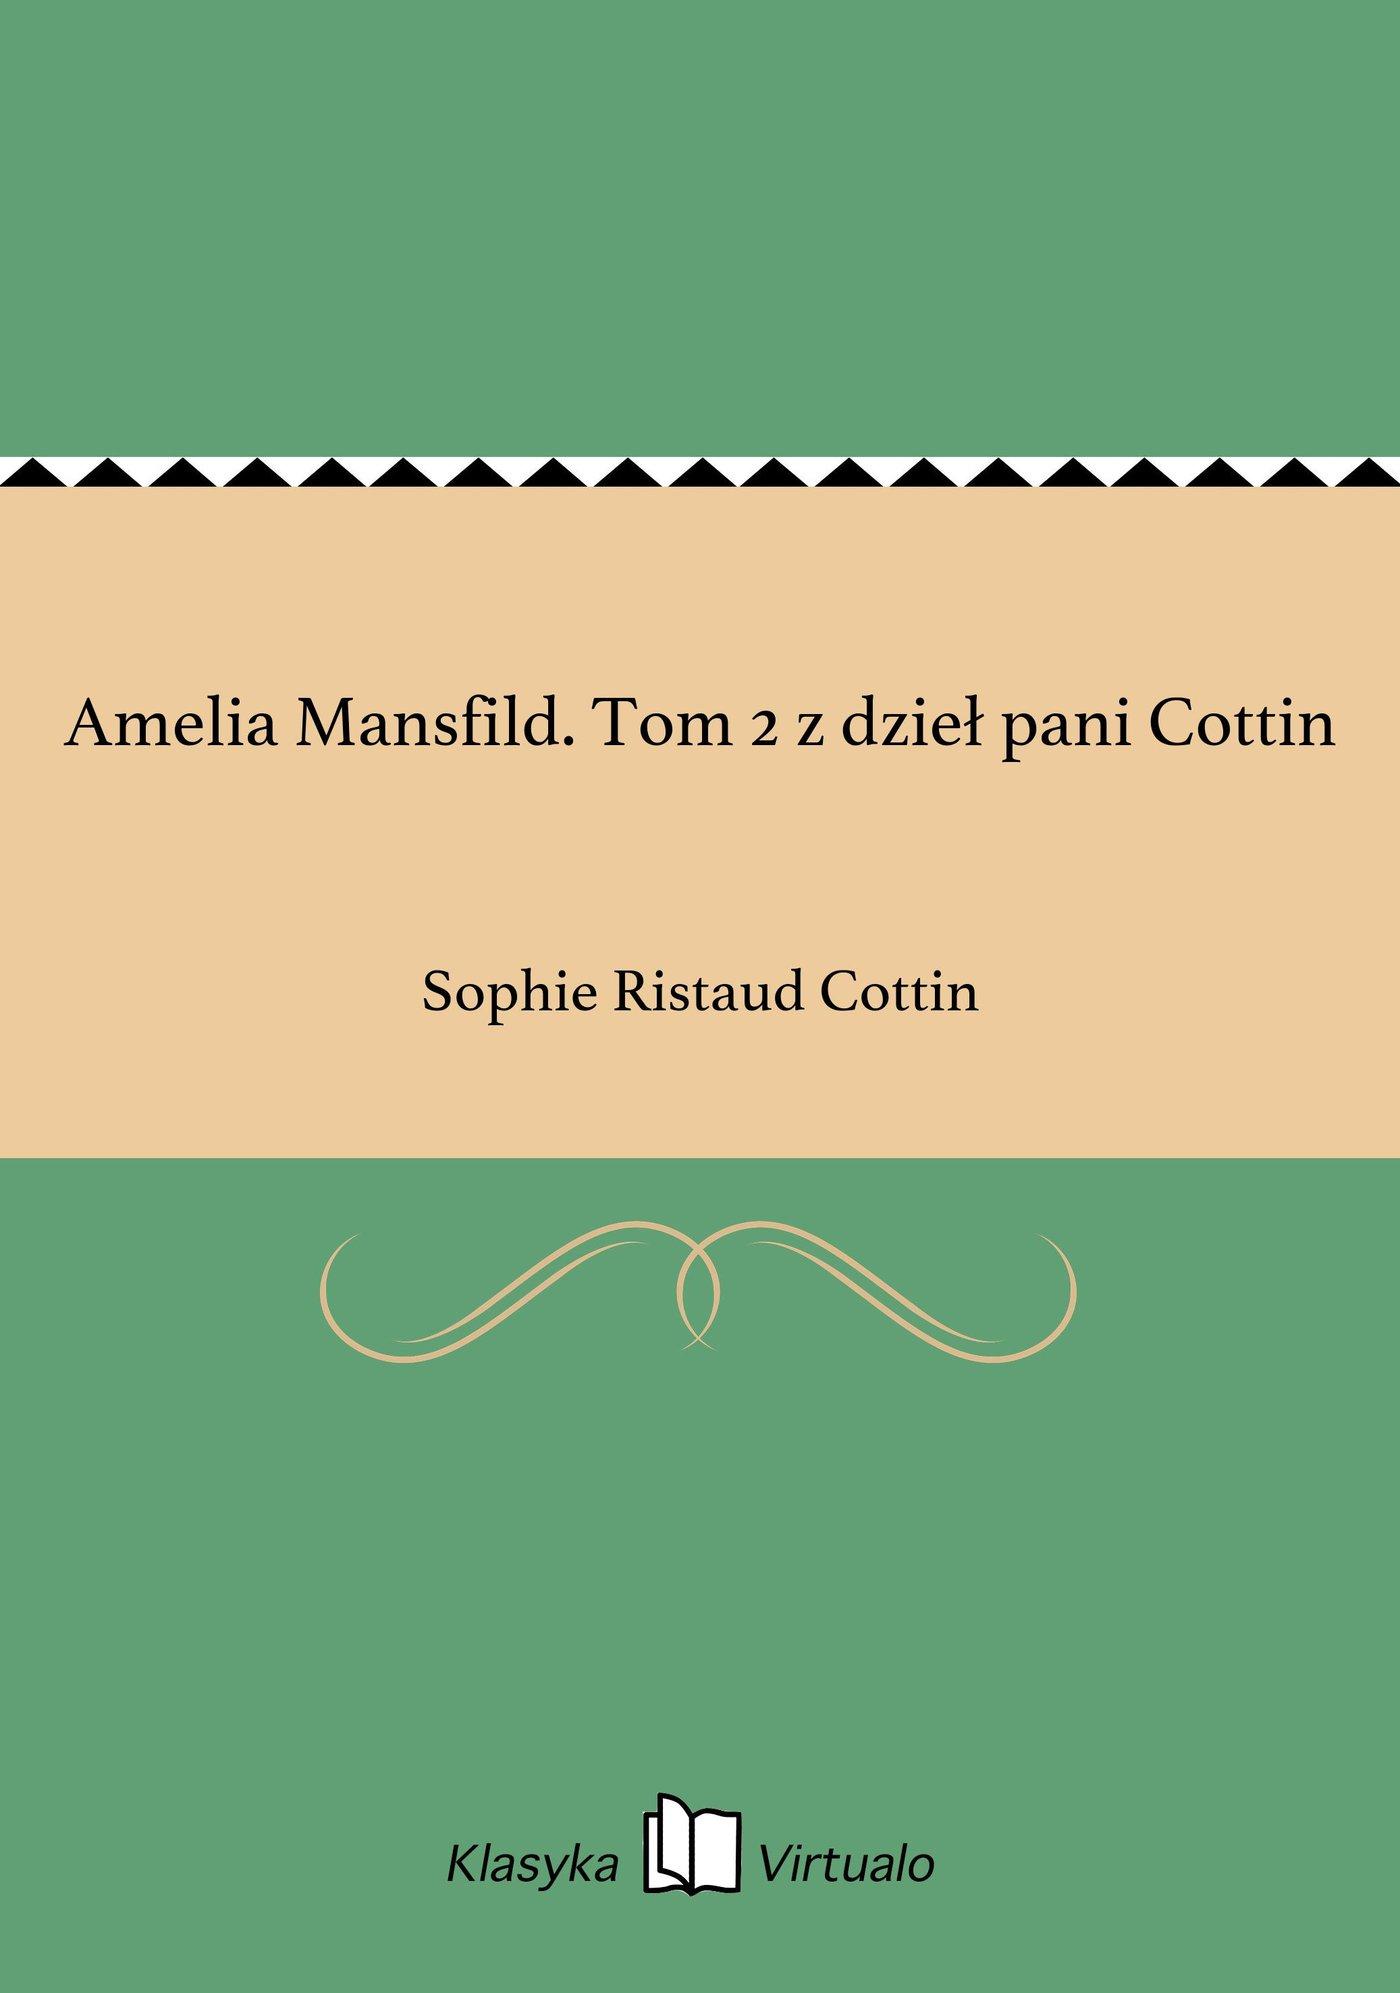 Amelia Mansfild. Tom 2 z dzieł pani Cottin - Ebook (Książka EPUB) do pobrania w formacie EPUB